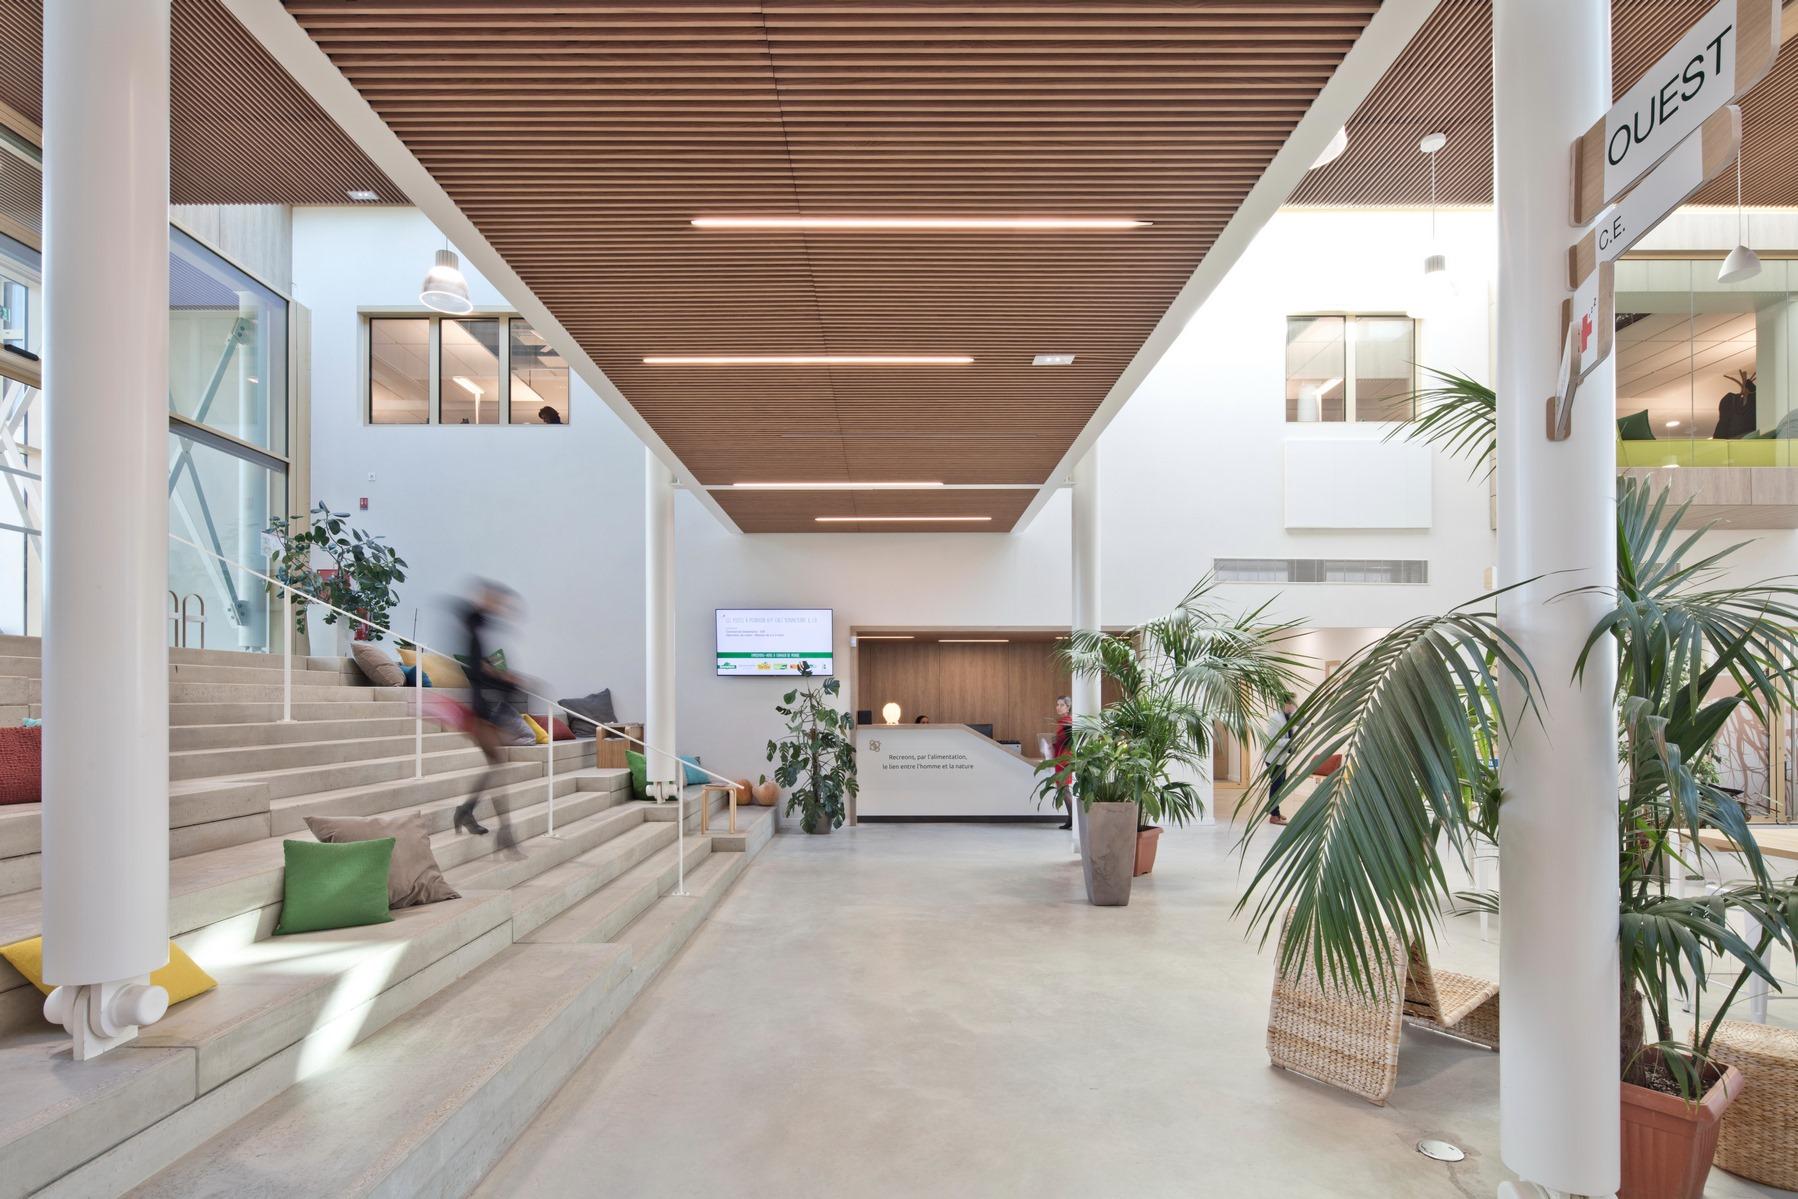 Siège Bjorg Bonneterre et Cie - Saint-Genis-Laval - Z Architecture